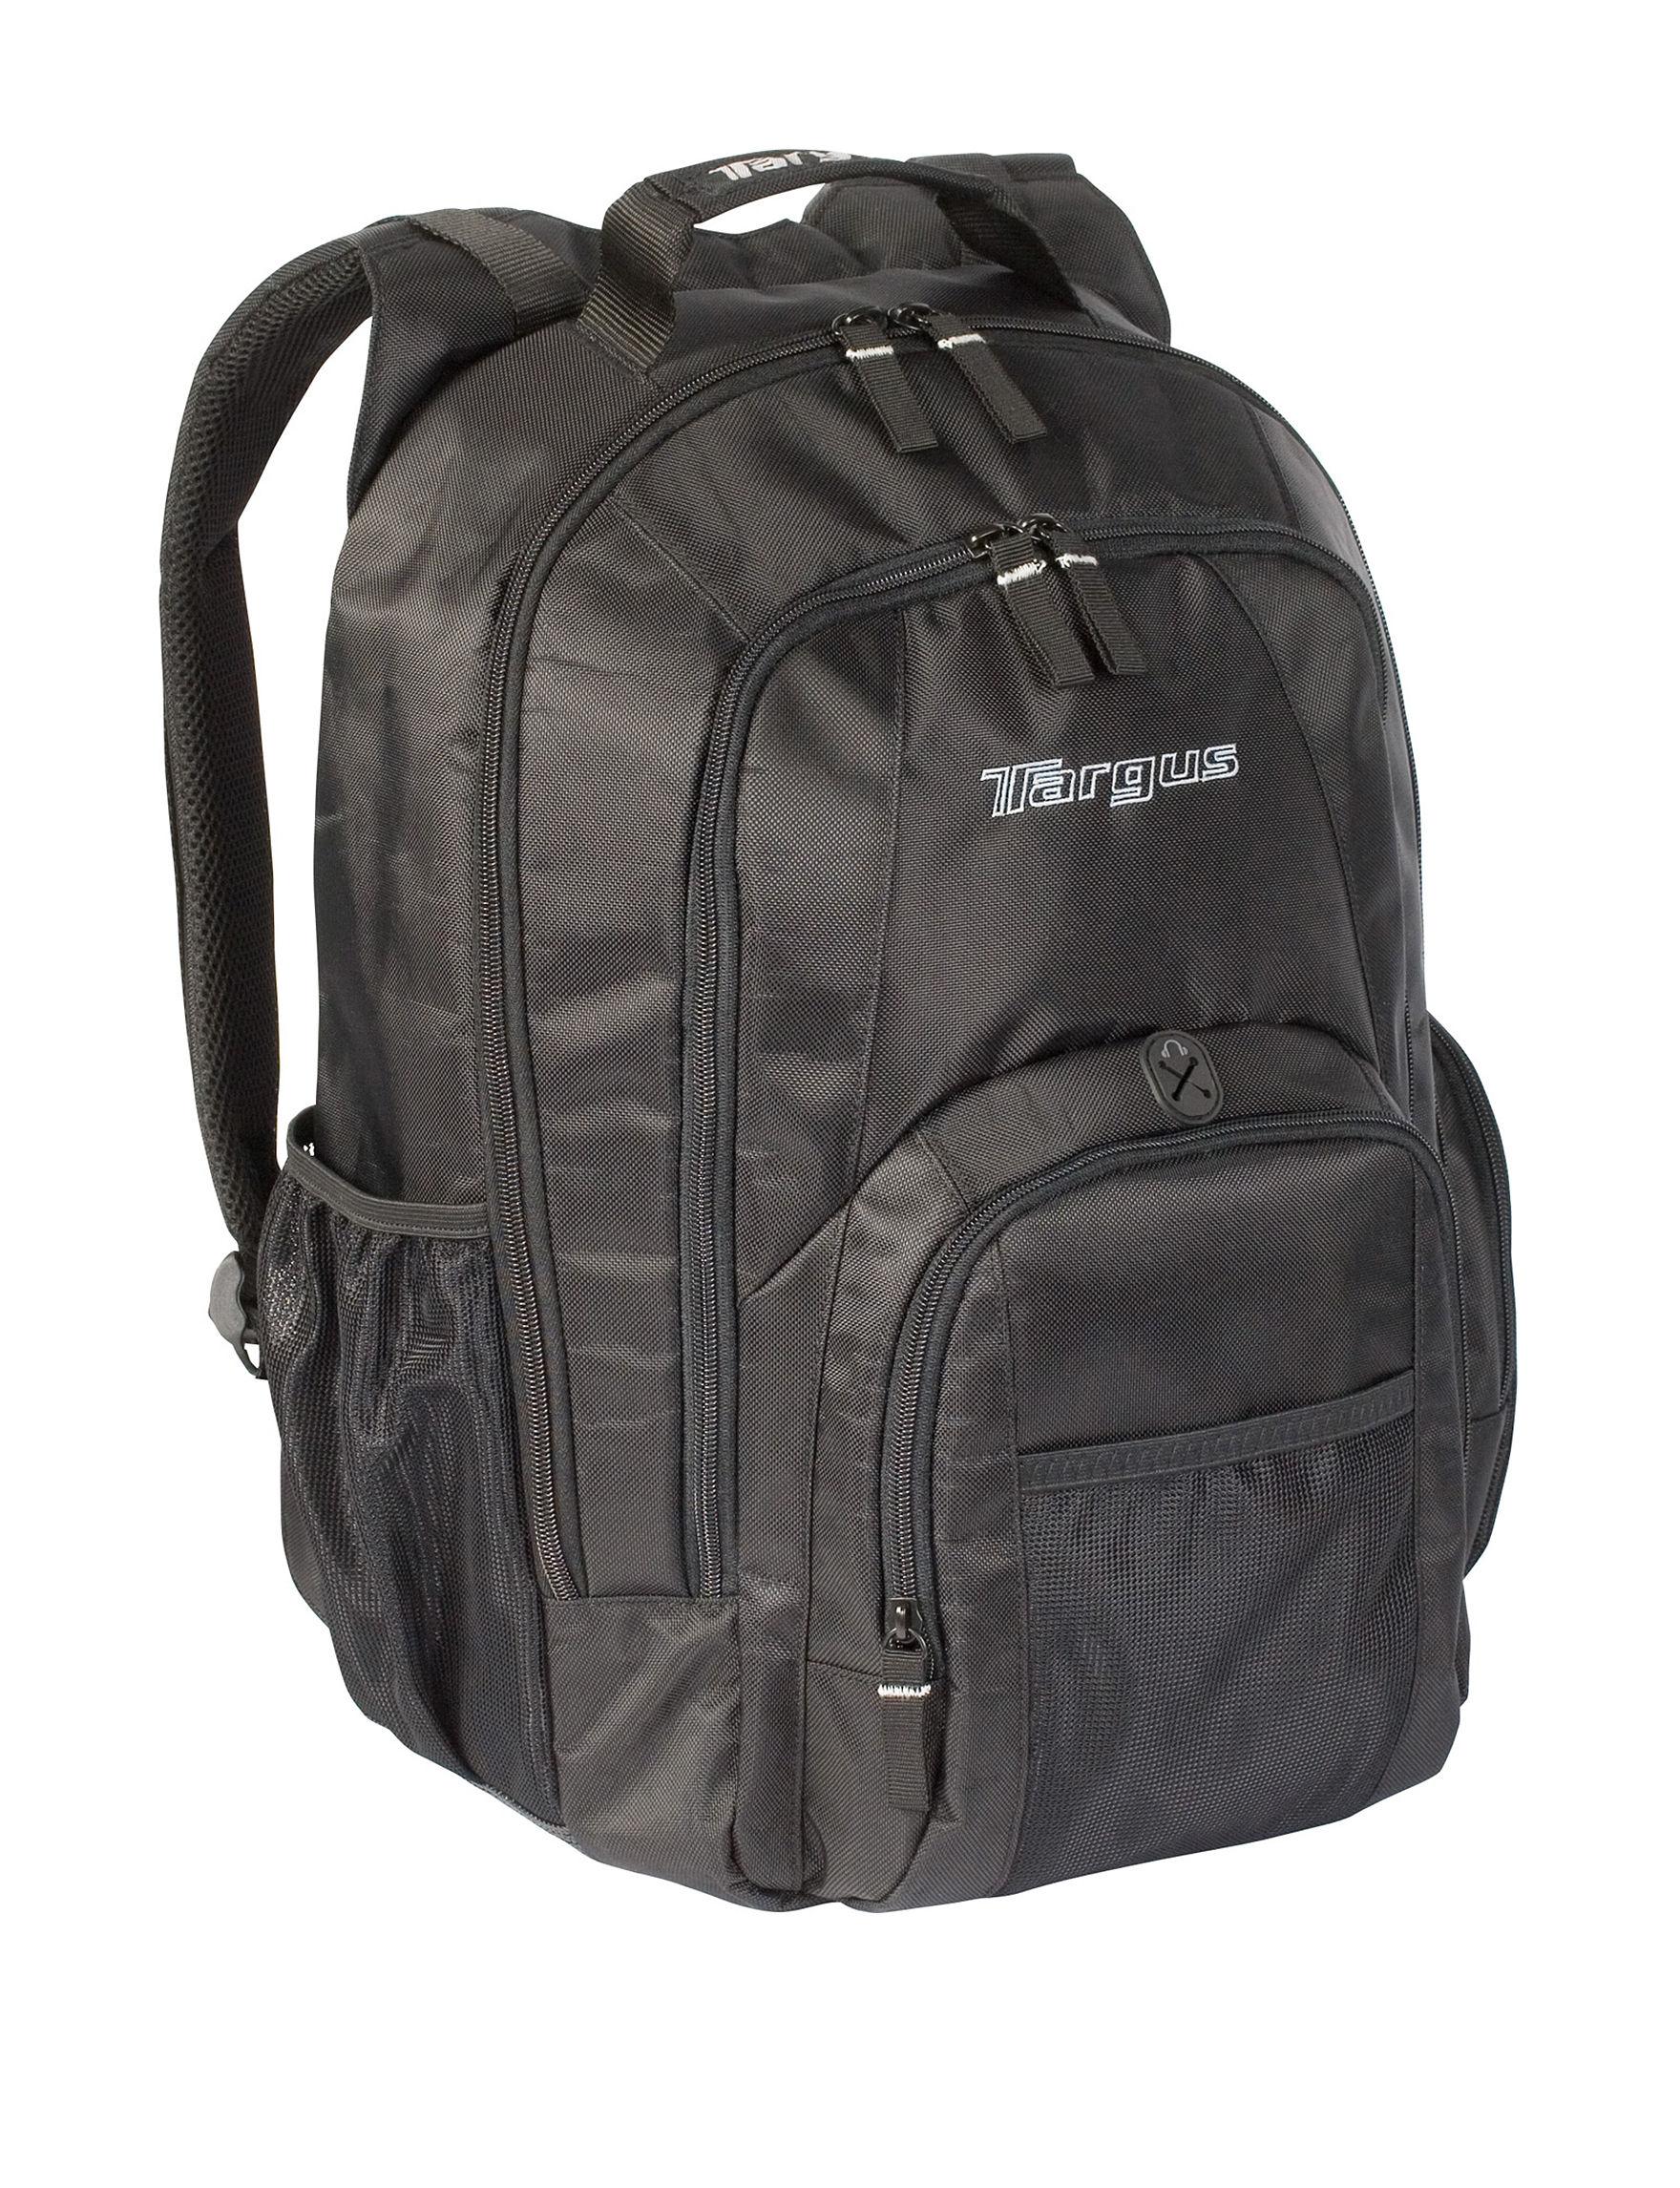 Targus Black Bookbags & Backpacks